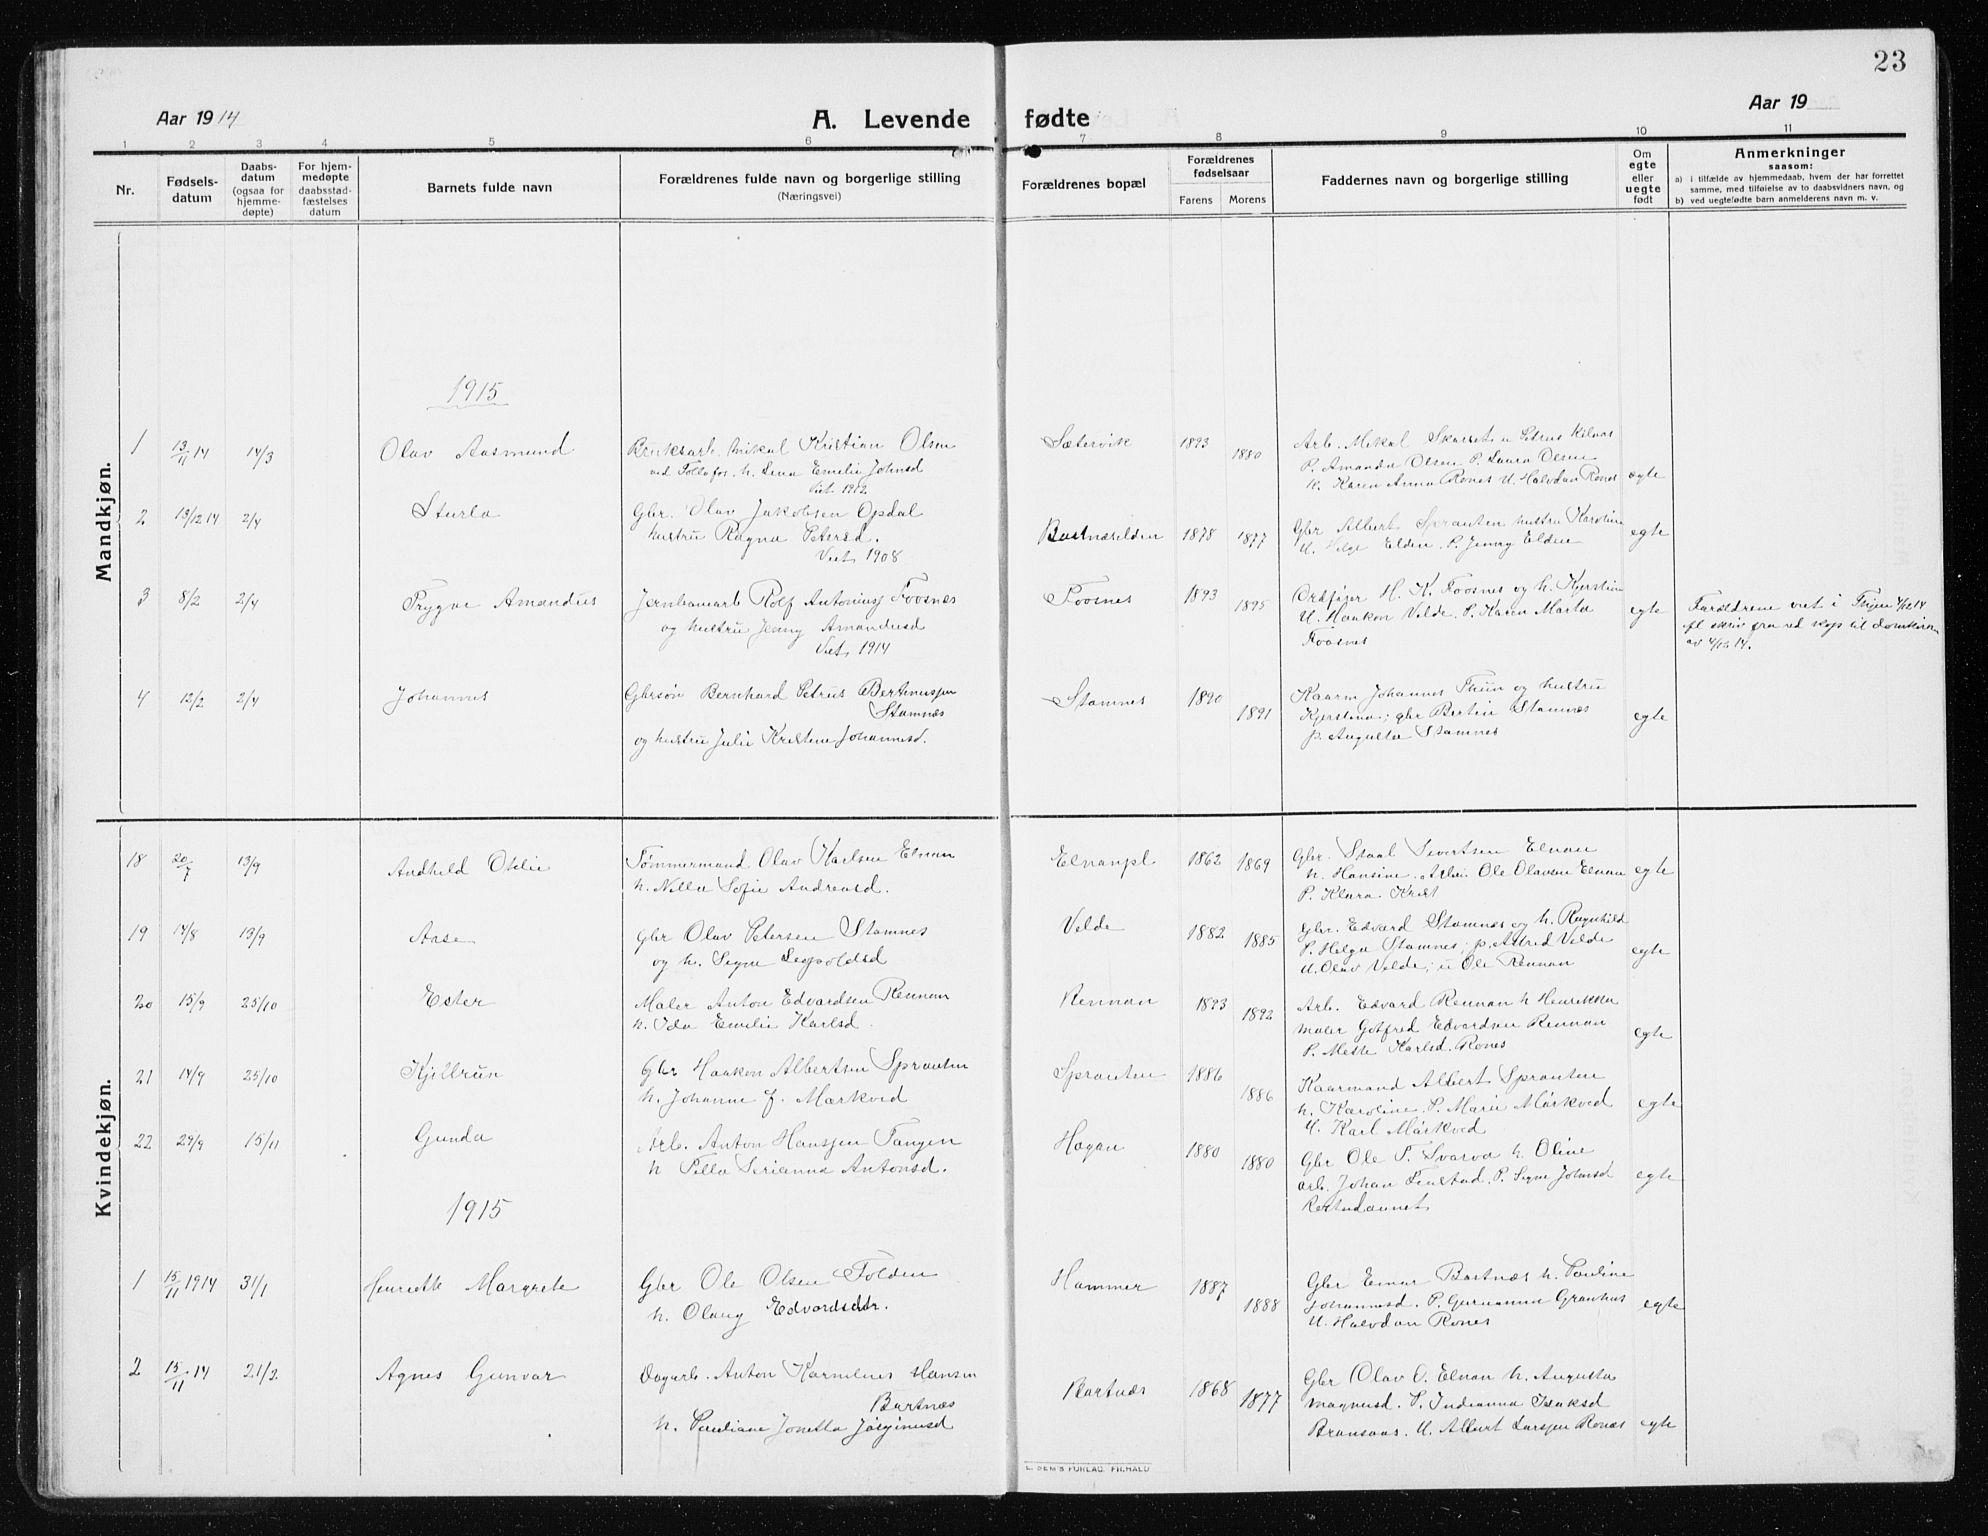 SAT, Ministerialprotokoller, klokkerbøker og fødselsregistre - Nord-Trøndelag, 741/L0402: Klokkerbok nr. 741C03, 1911-1926, s. 23